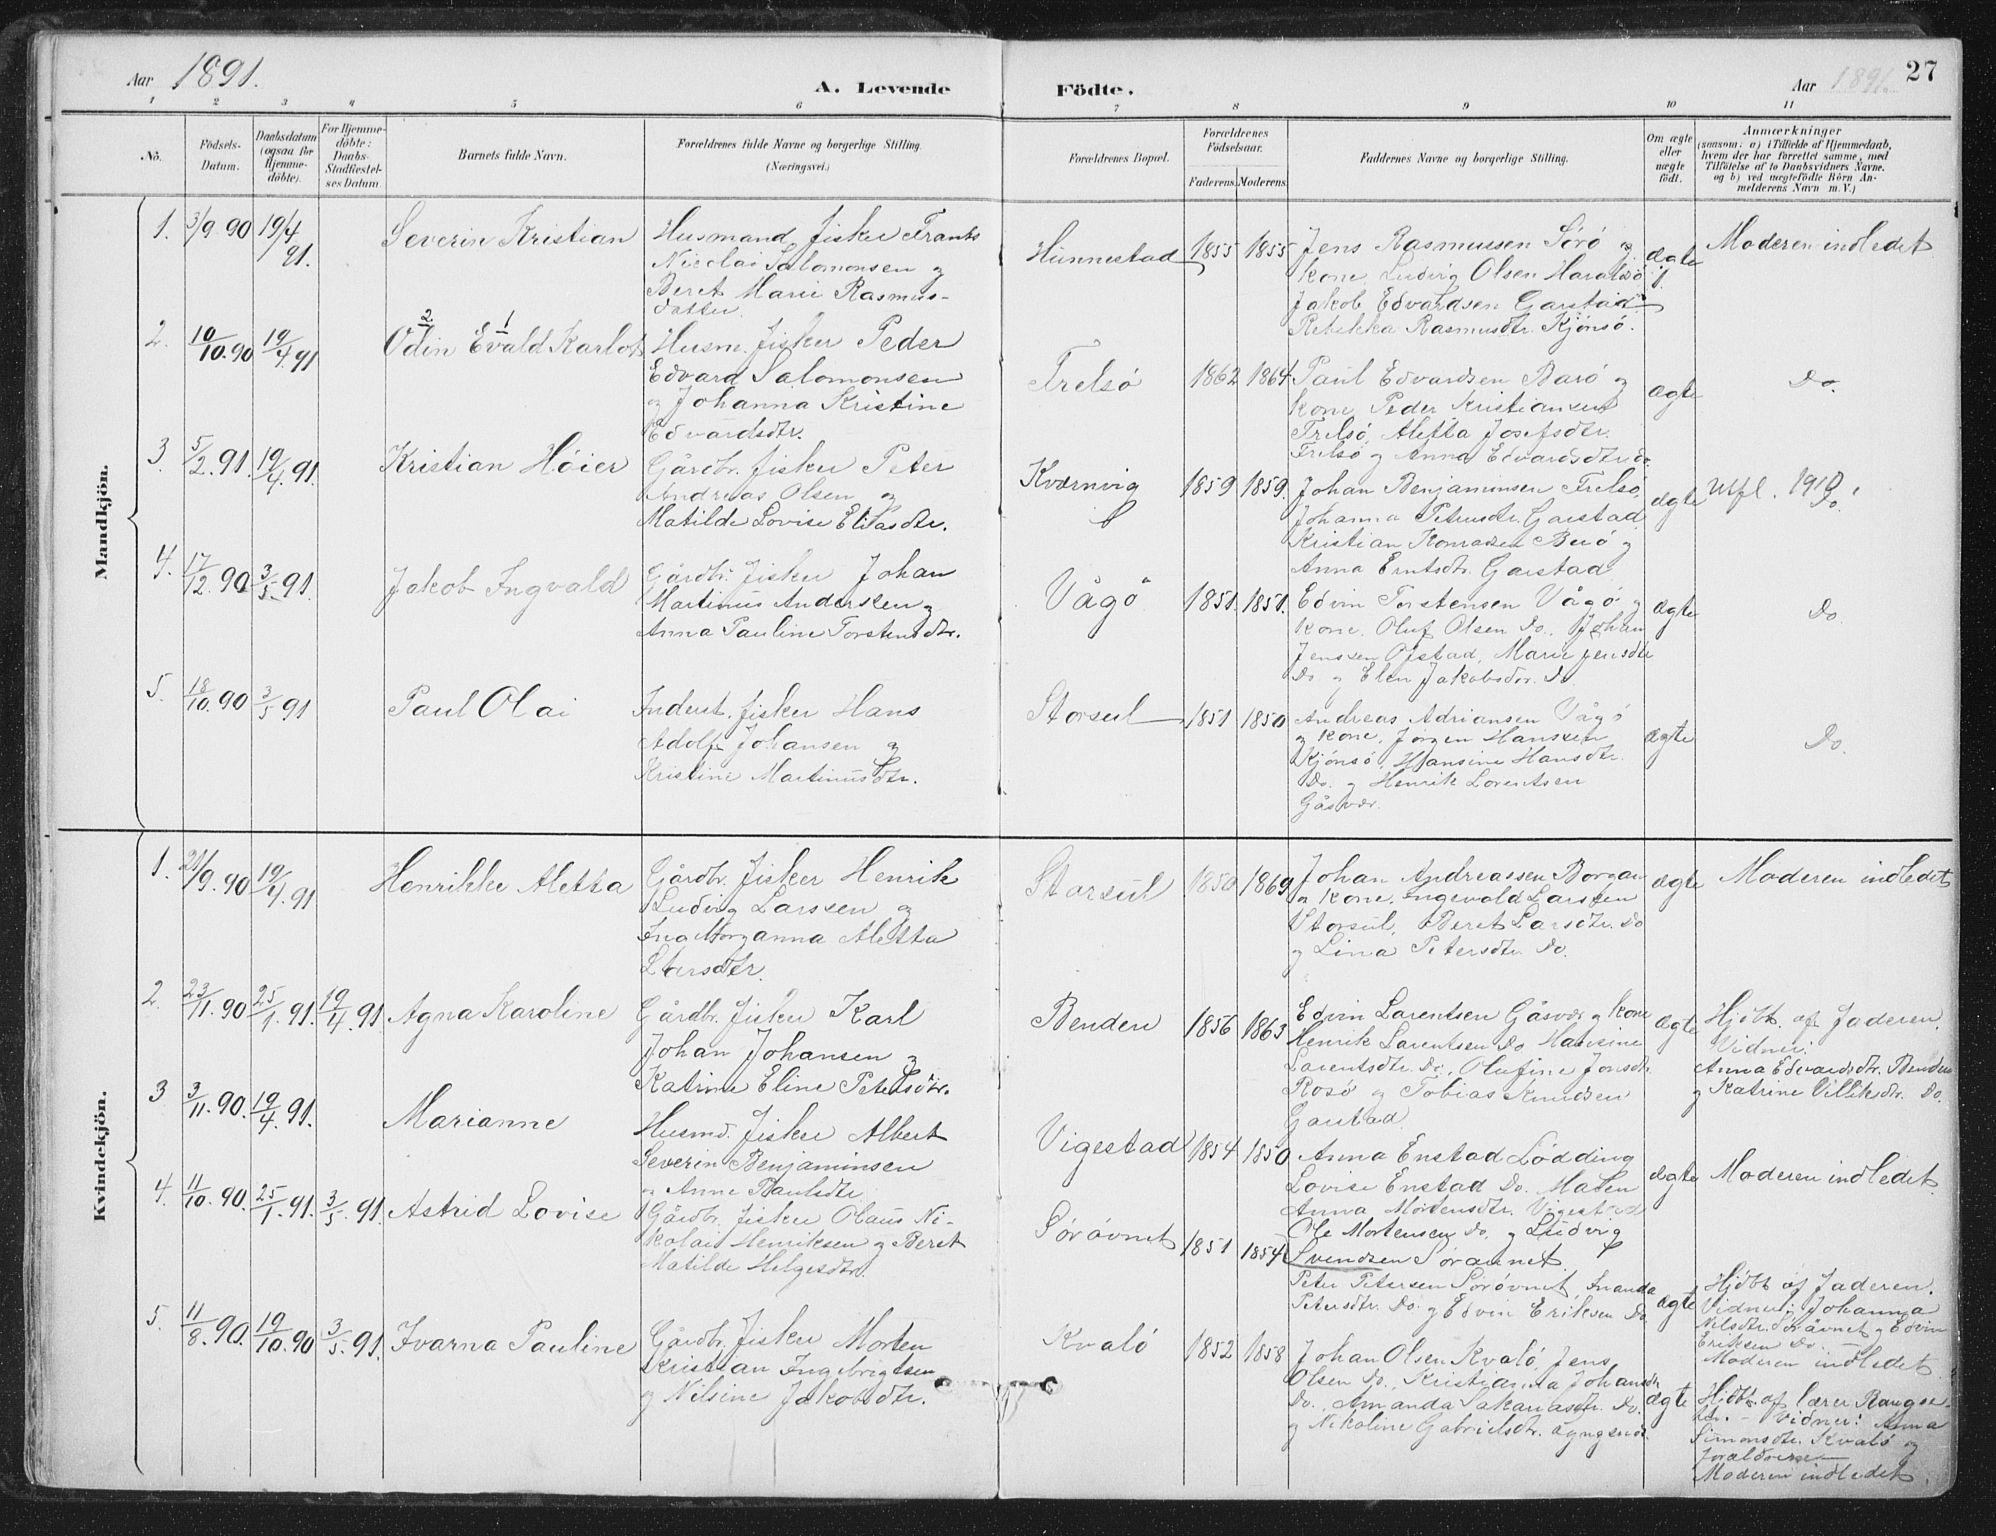 SAT, Ministerialprotokoller, klokkerbøker og fødselsregistre - Nord-Trøndelag, 786/L0687: Ministerialbok nr. 786A03, 1888-1898, s. 27